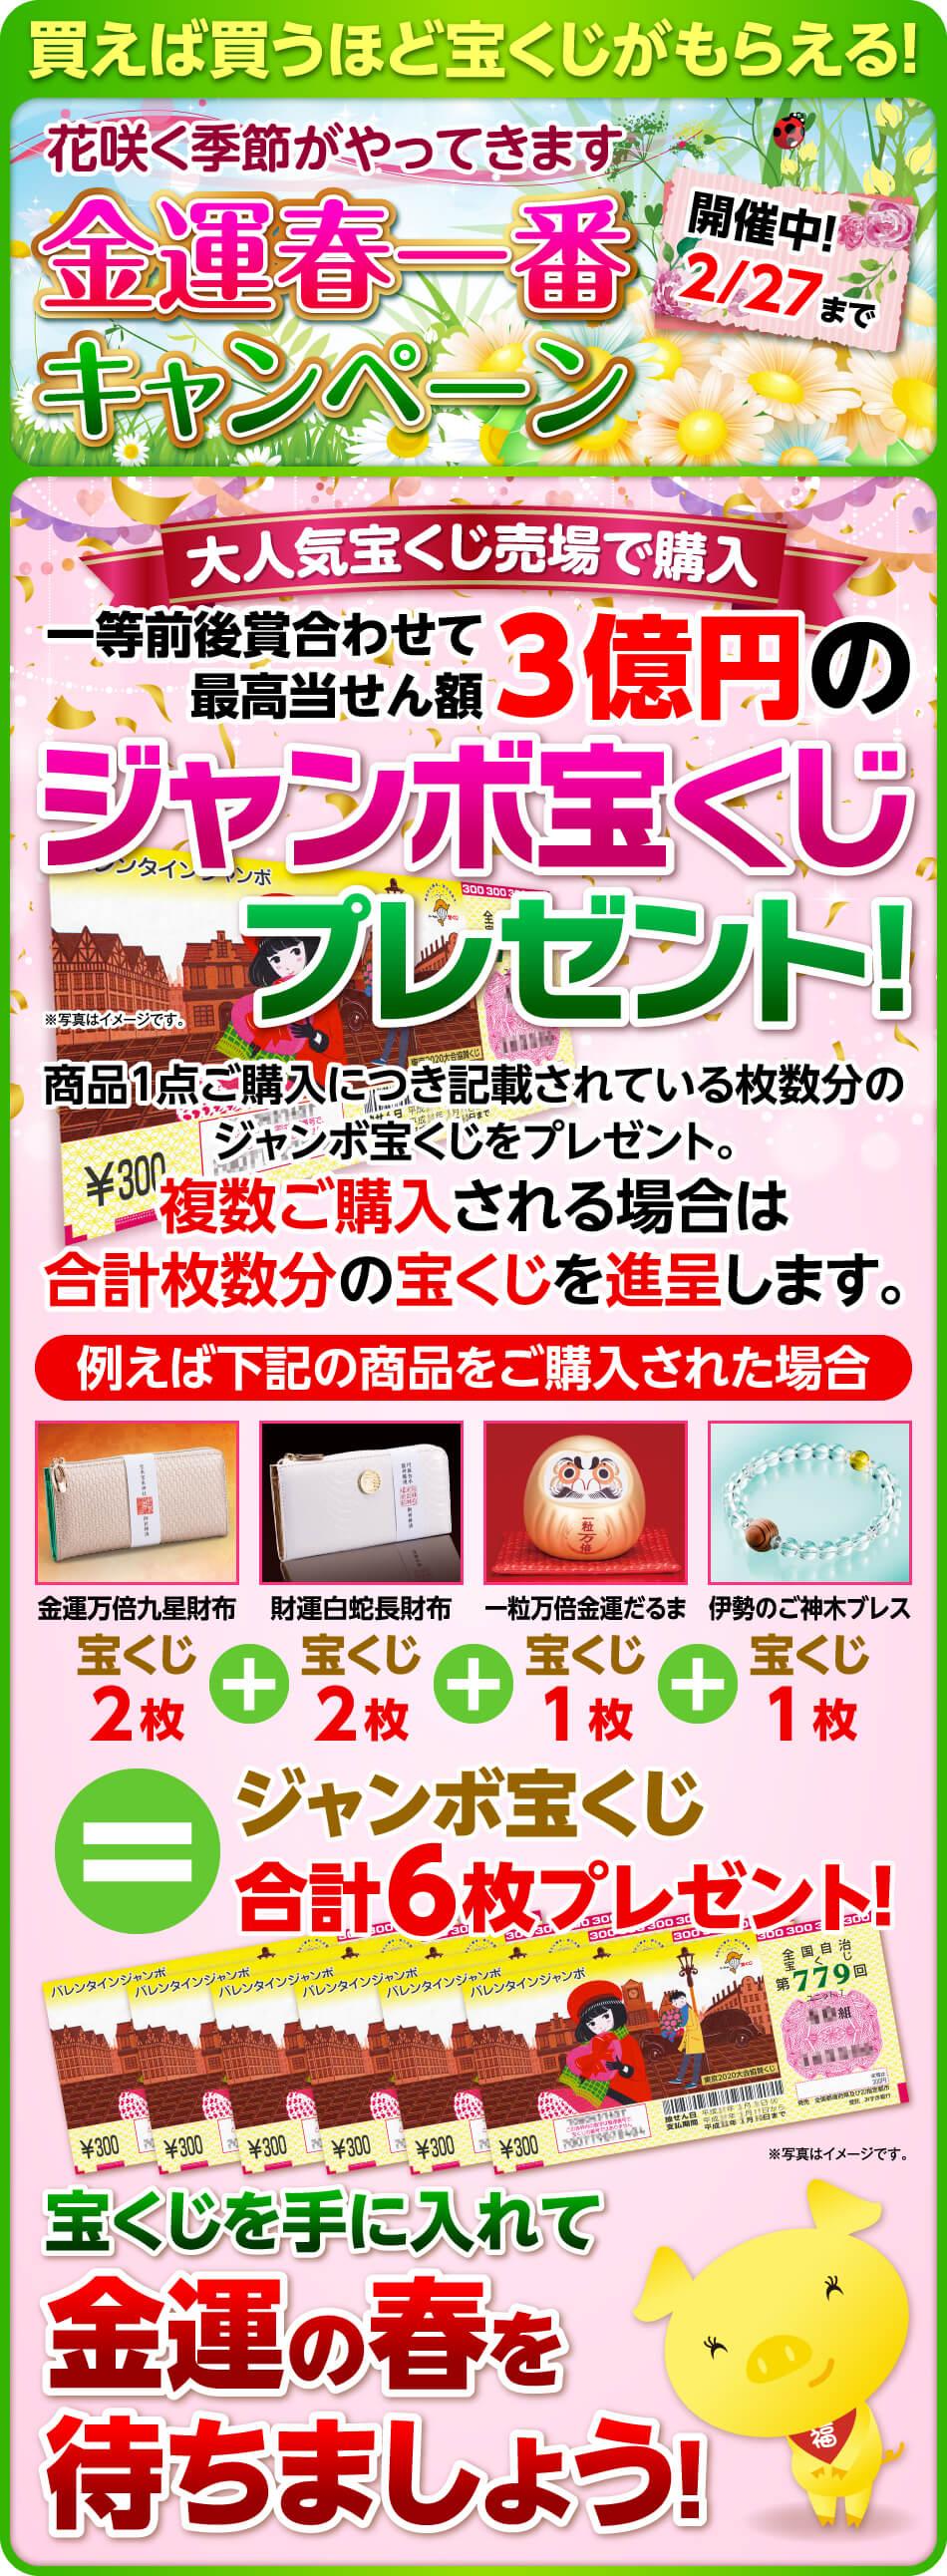 3億円のジャンボ宝くじプレゼント